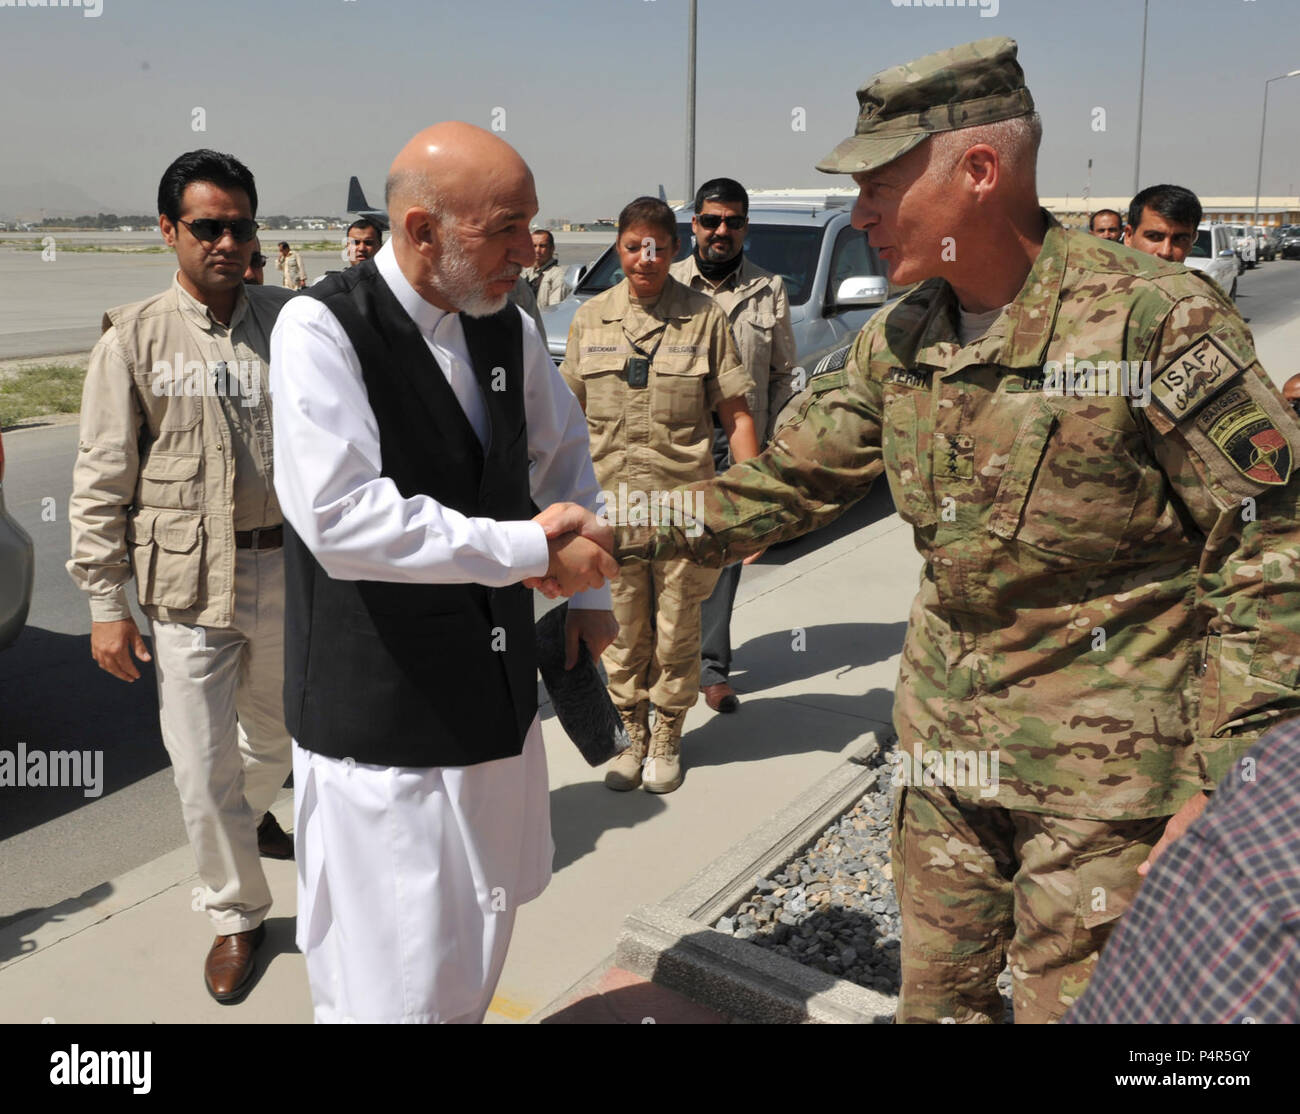 Le lieutenant général de l'armée américaine James L. Terry, à droite, le commandant de la Force internationale d'assistance à la commande mixte, accueille le président afghan Hamid Karzai sur la ligne de vol à l'aéroport international de Kaboul dans la province de Kaboul, Afghanistan, le 21 août, 2012. Banque D'Images